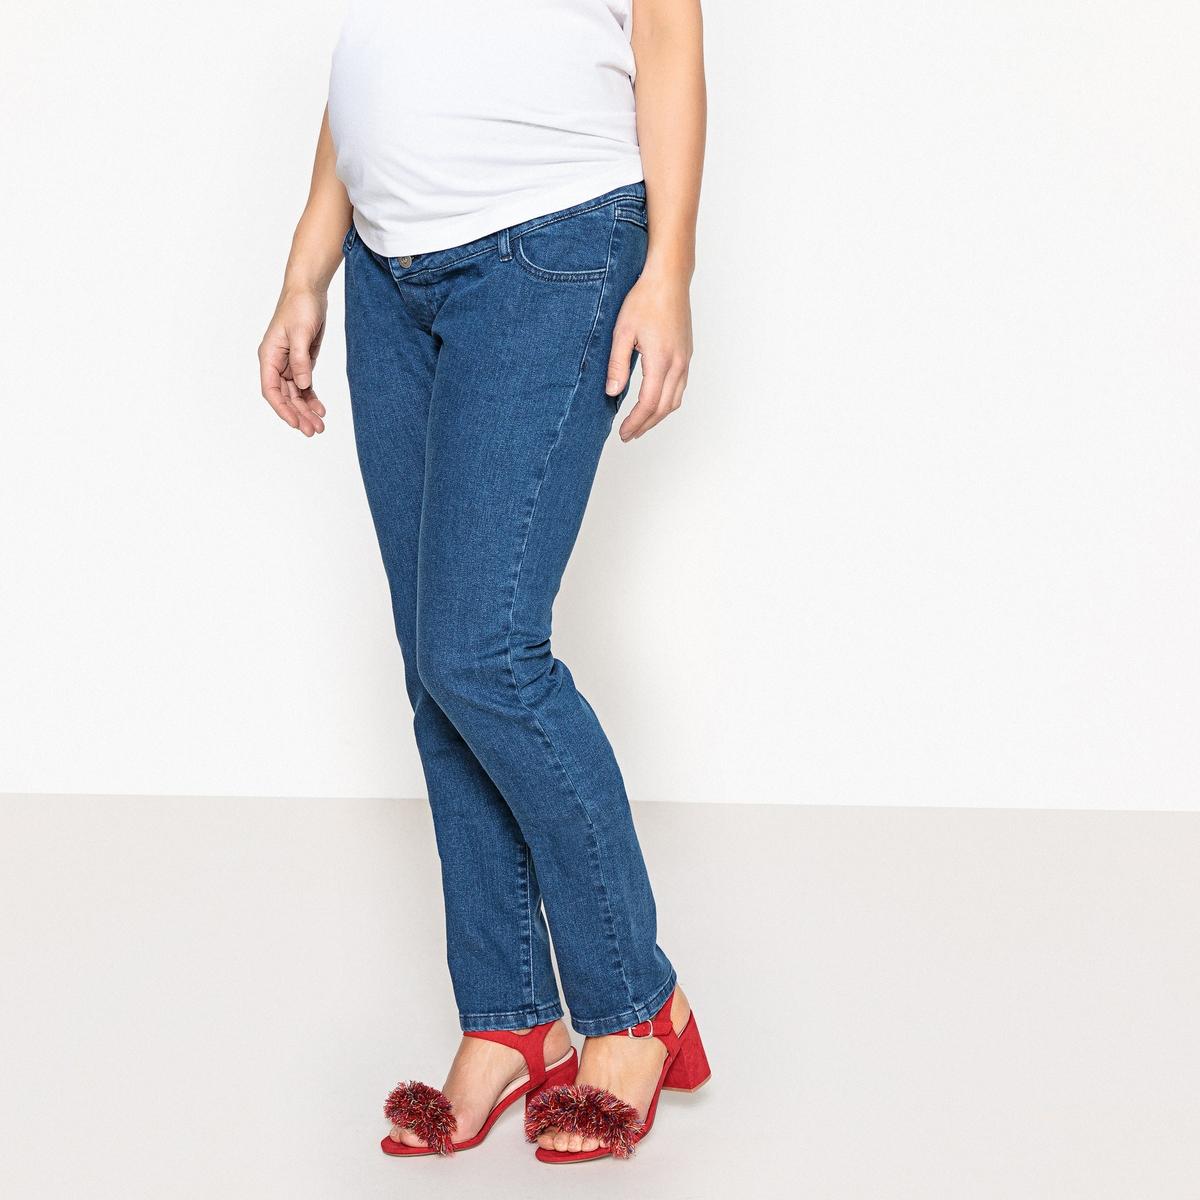 Фото - Джинсы LaRedoute Прямые для периода беременности 36 (FR) - 42 (RUS) синий джинсы laredoute прямые 40 fr 46 rus синий